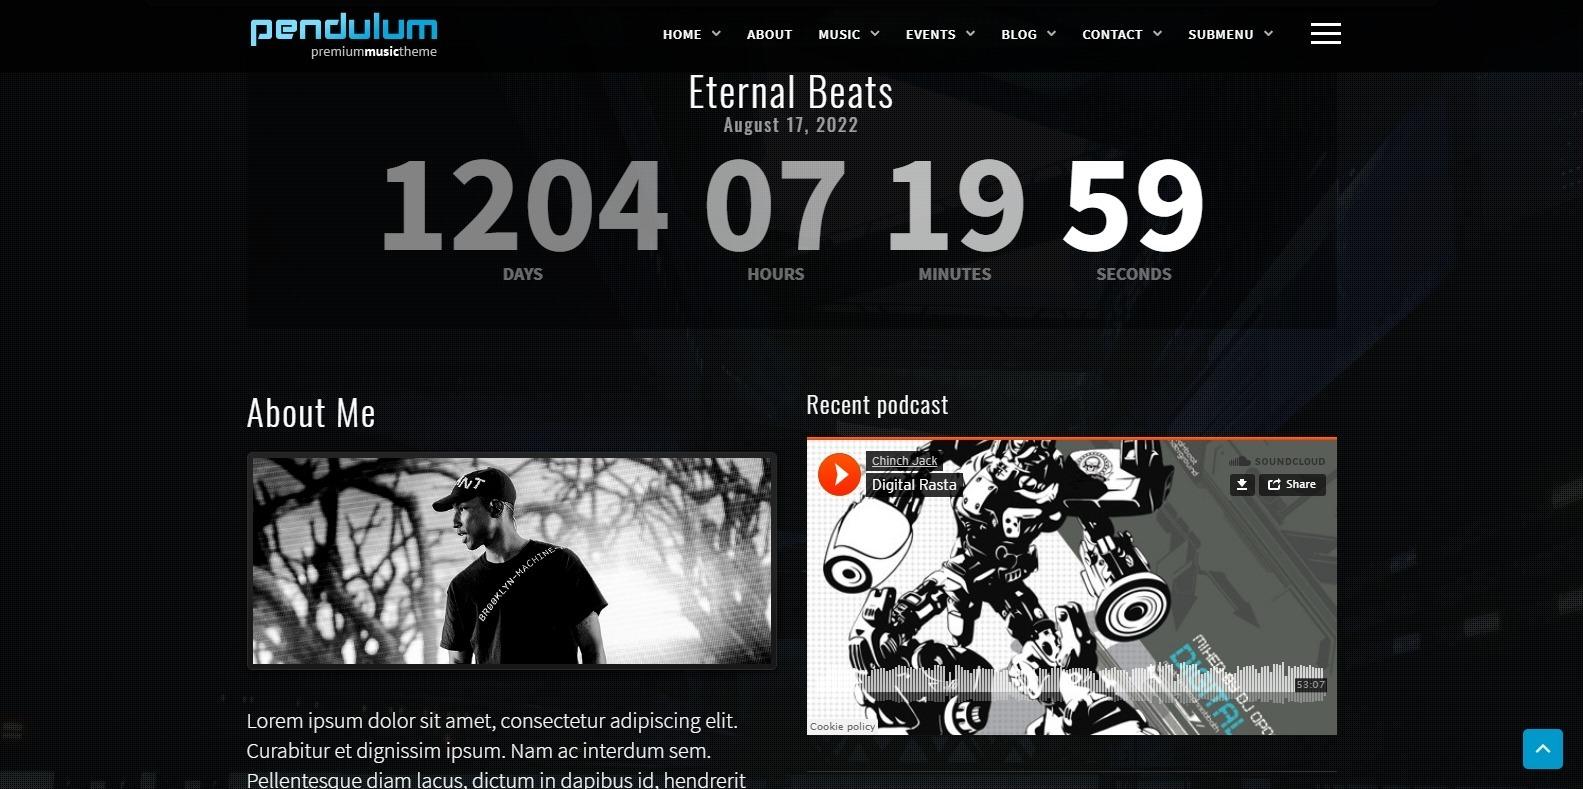 pendulum-dj-website-template